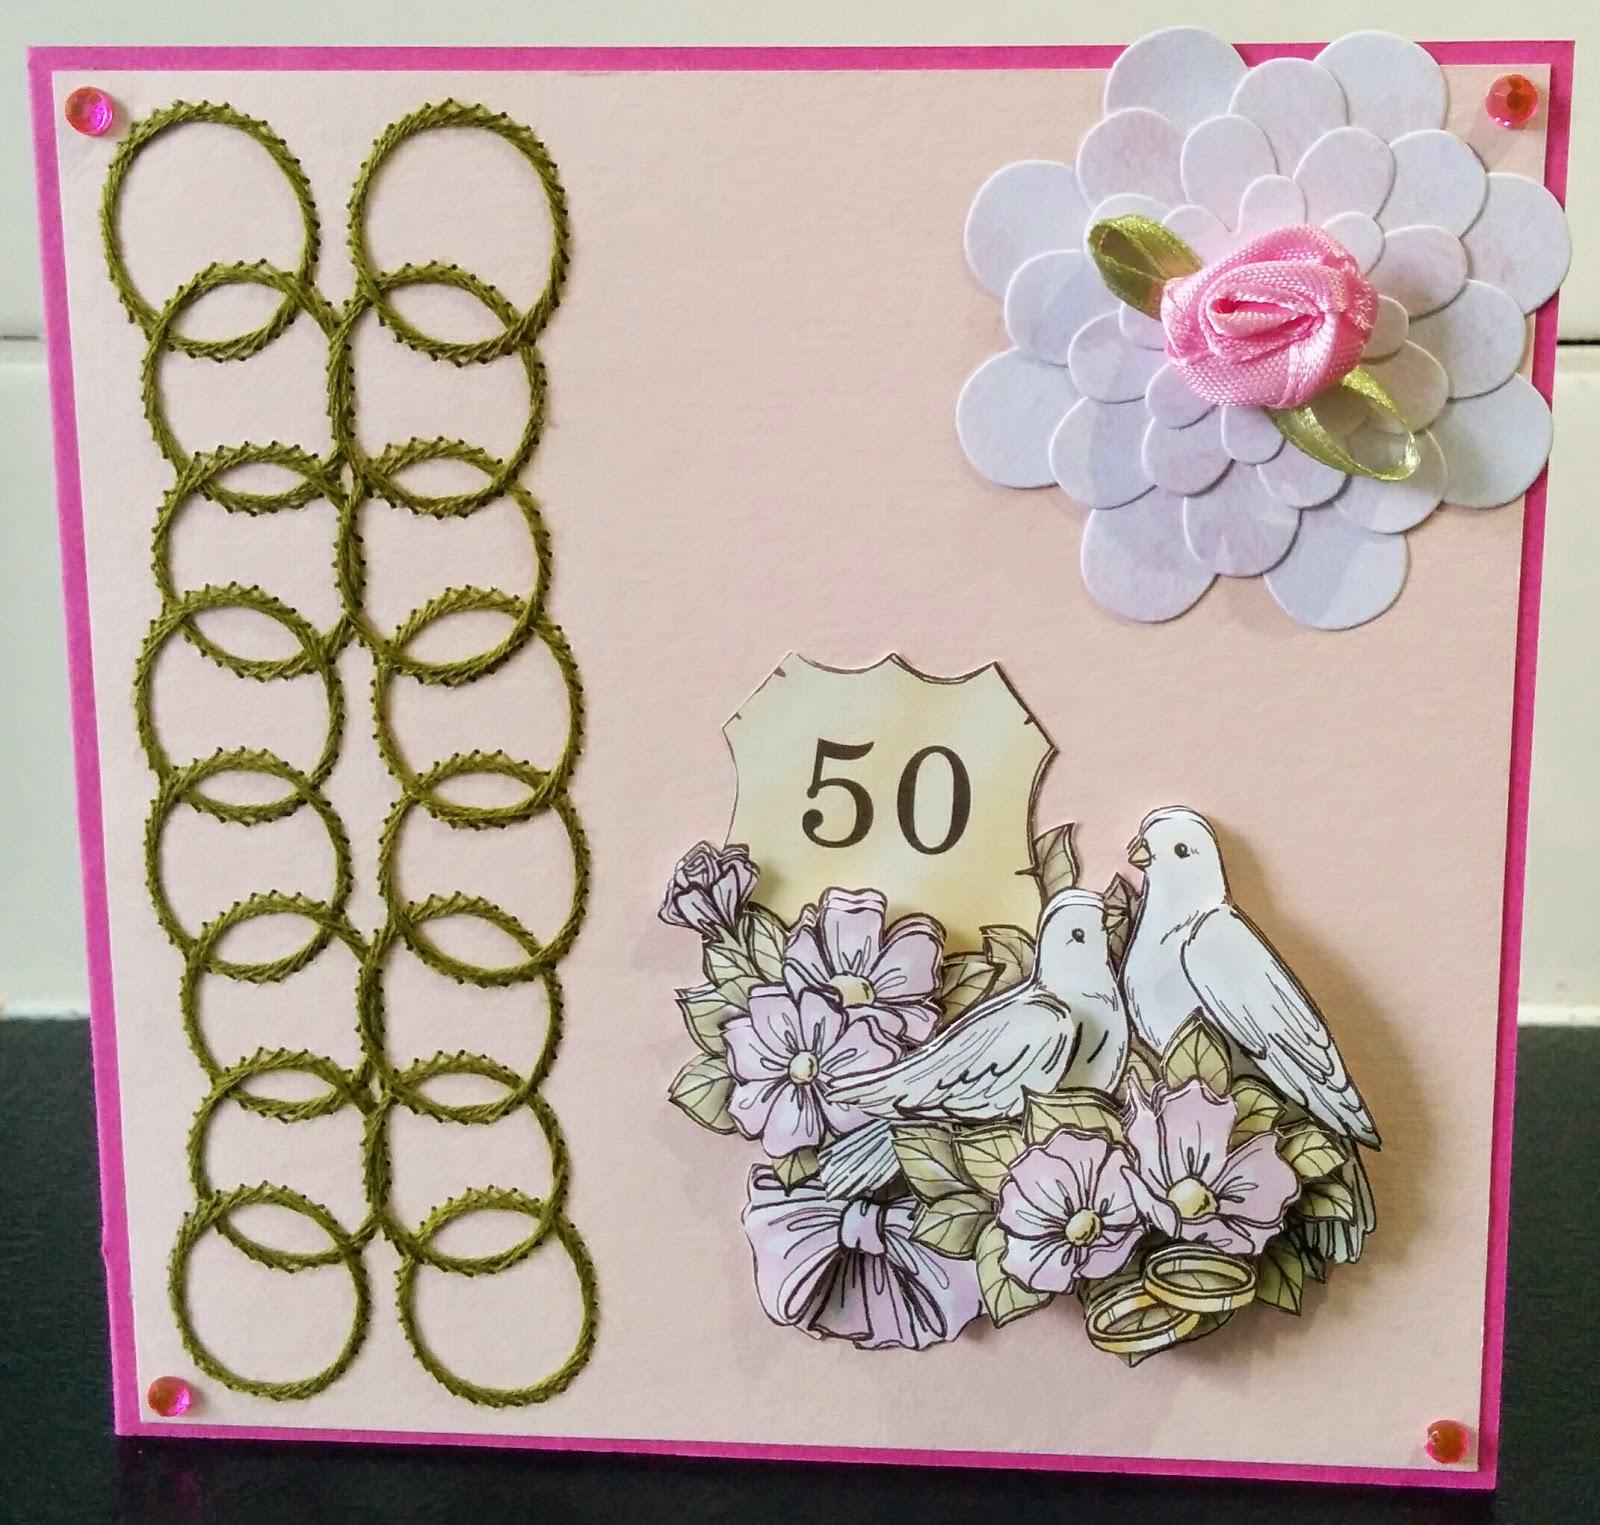 Creatieve handgemaakte kaarten 50 jaar getrouwd - Jaar wallpapers ...